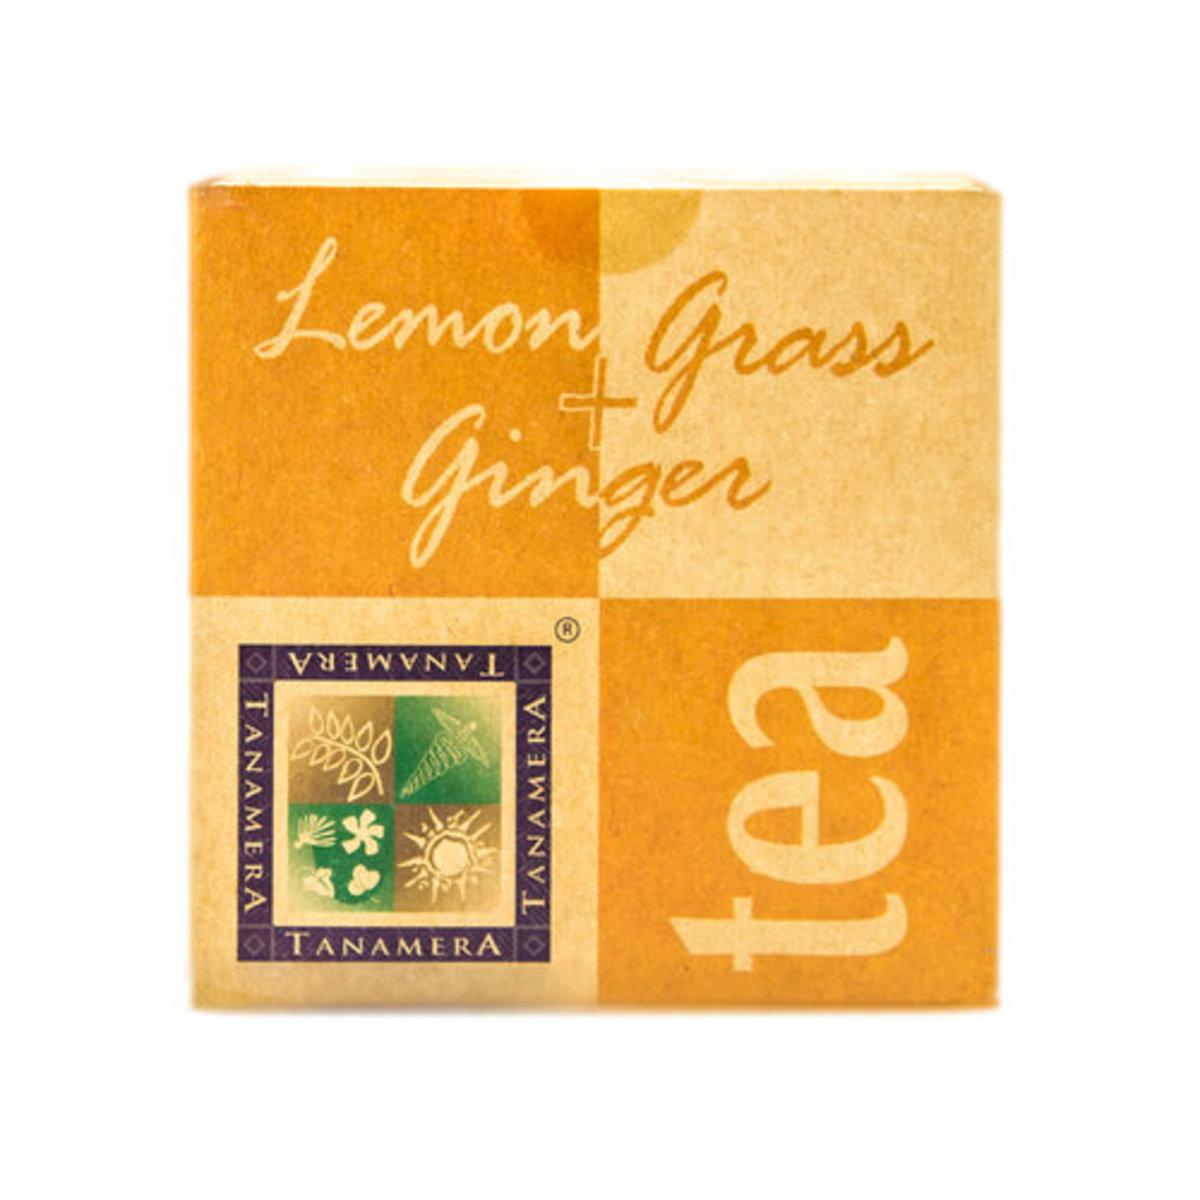 Lemongrass with Ginger Tea